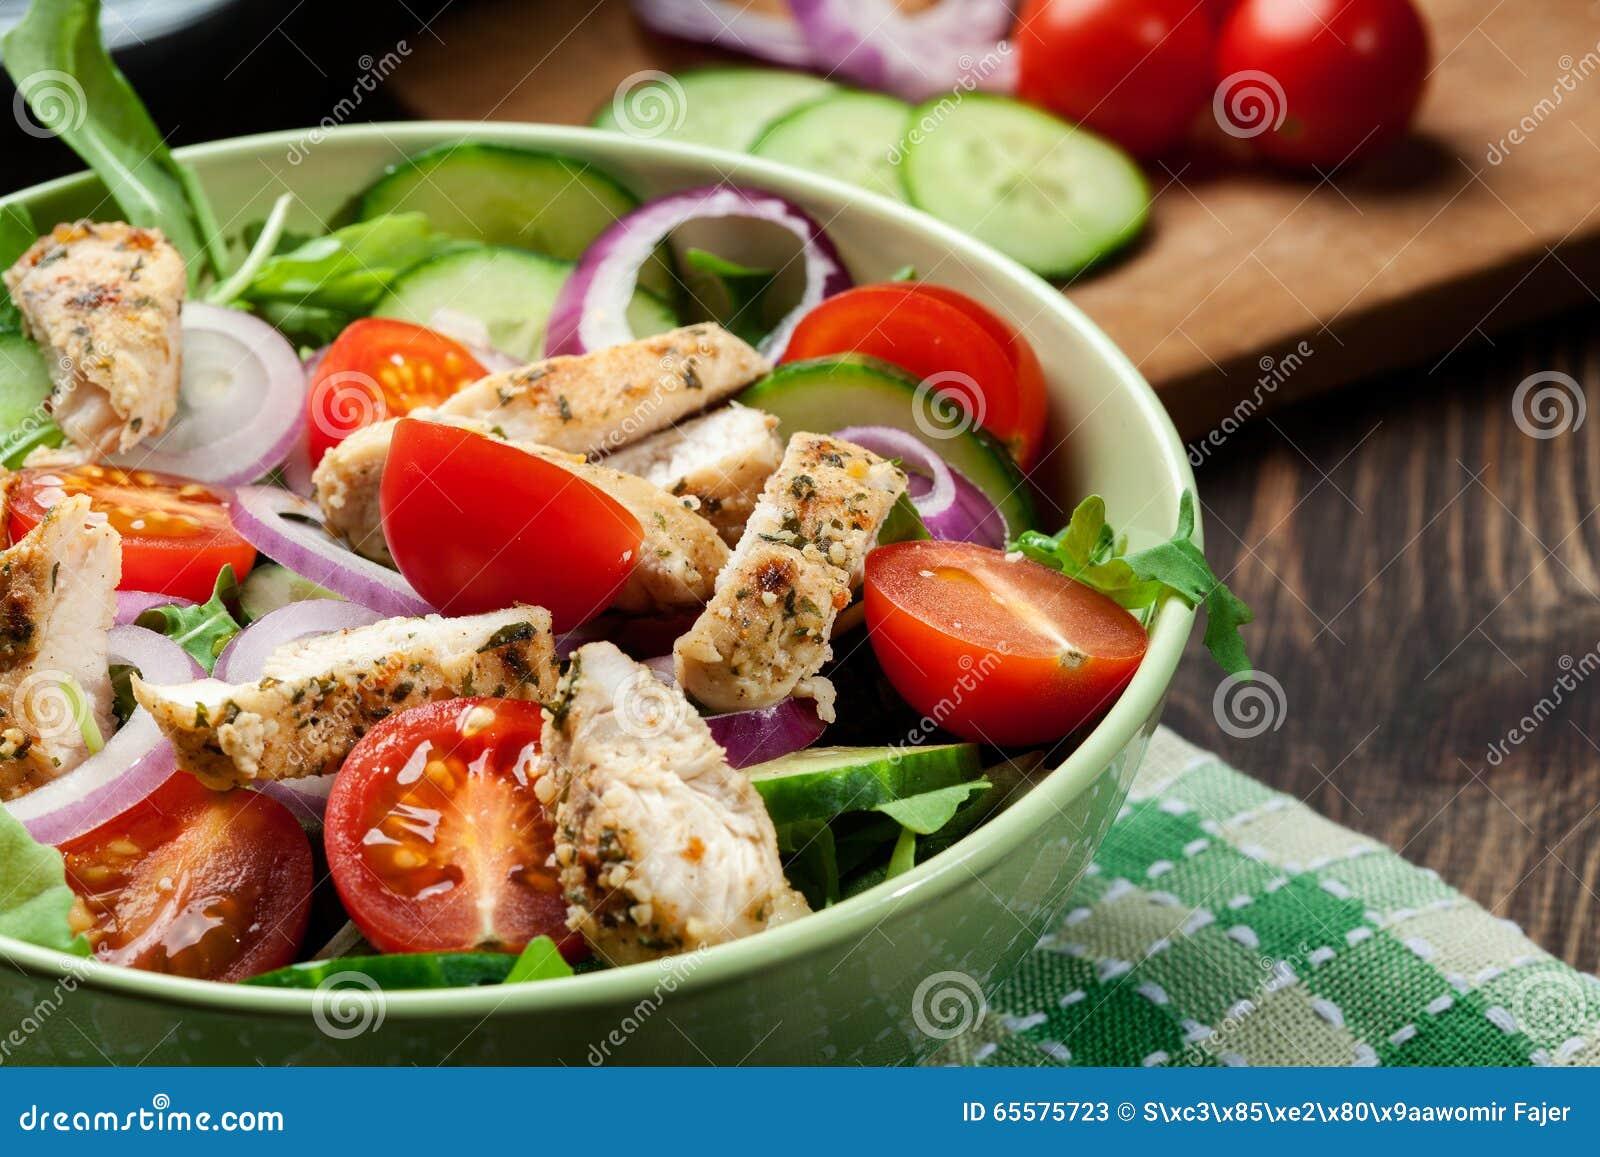 Frischer Salat mit Huhn, Tomaten und Arugula auf Platte